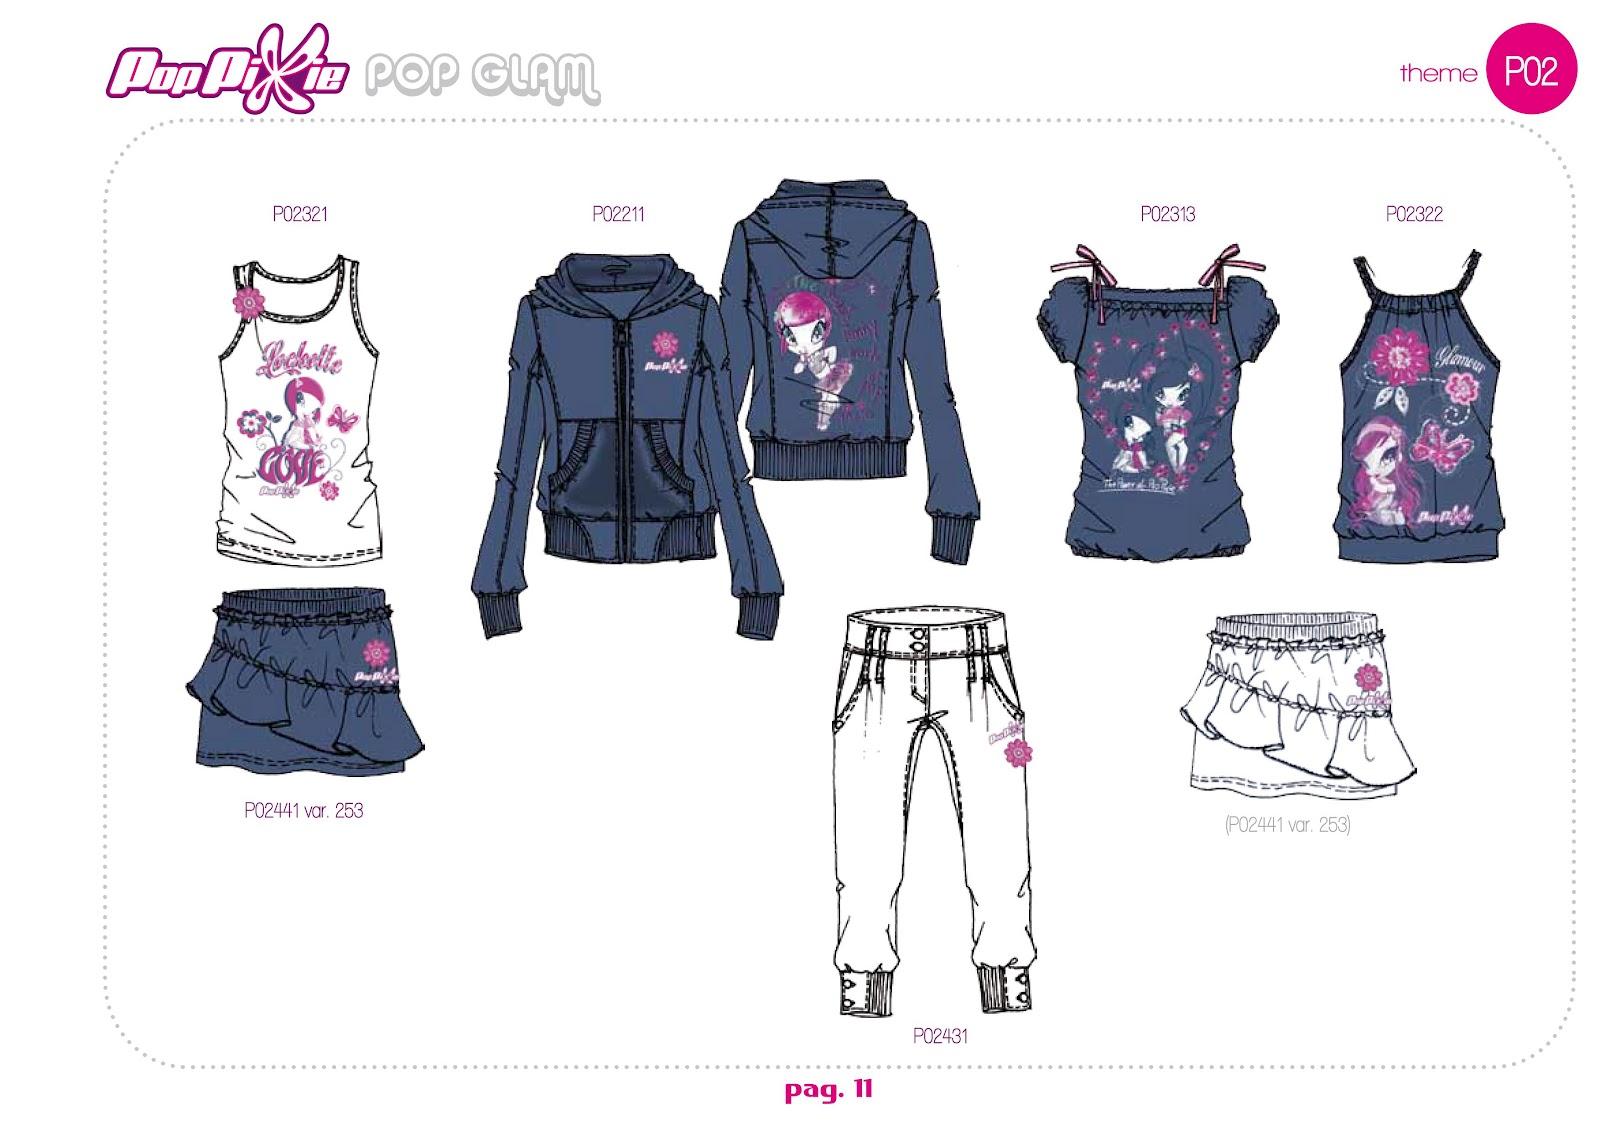 Nueva coleccion de ropa pop pixie primavera verano 2012 for Coleccion friends